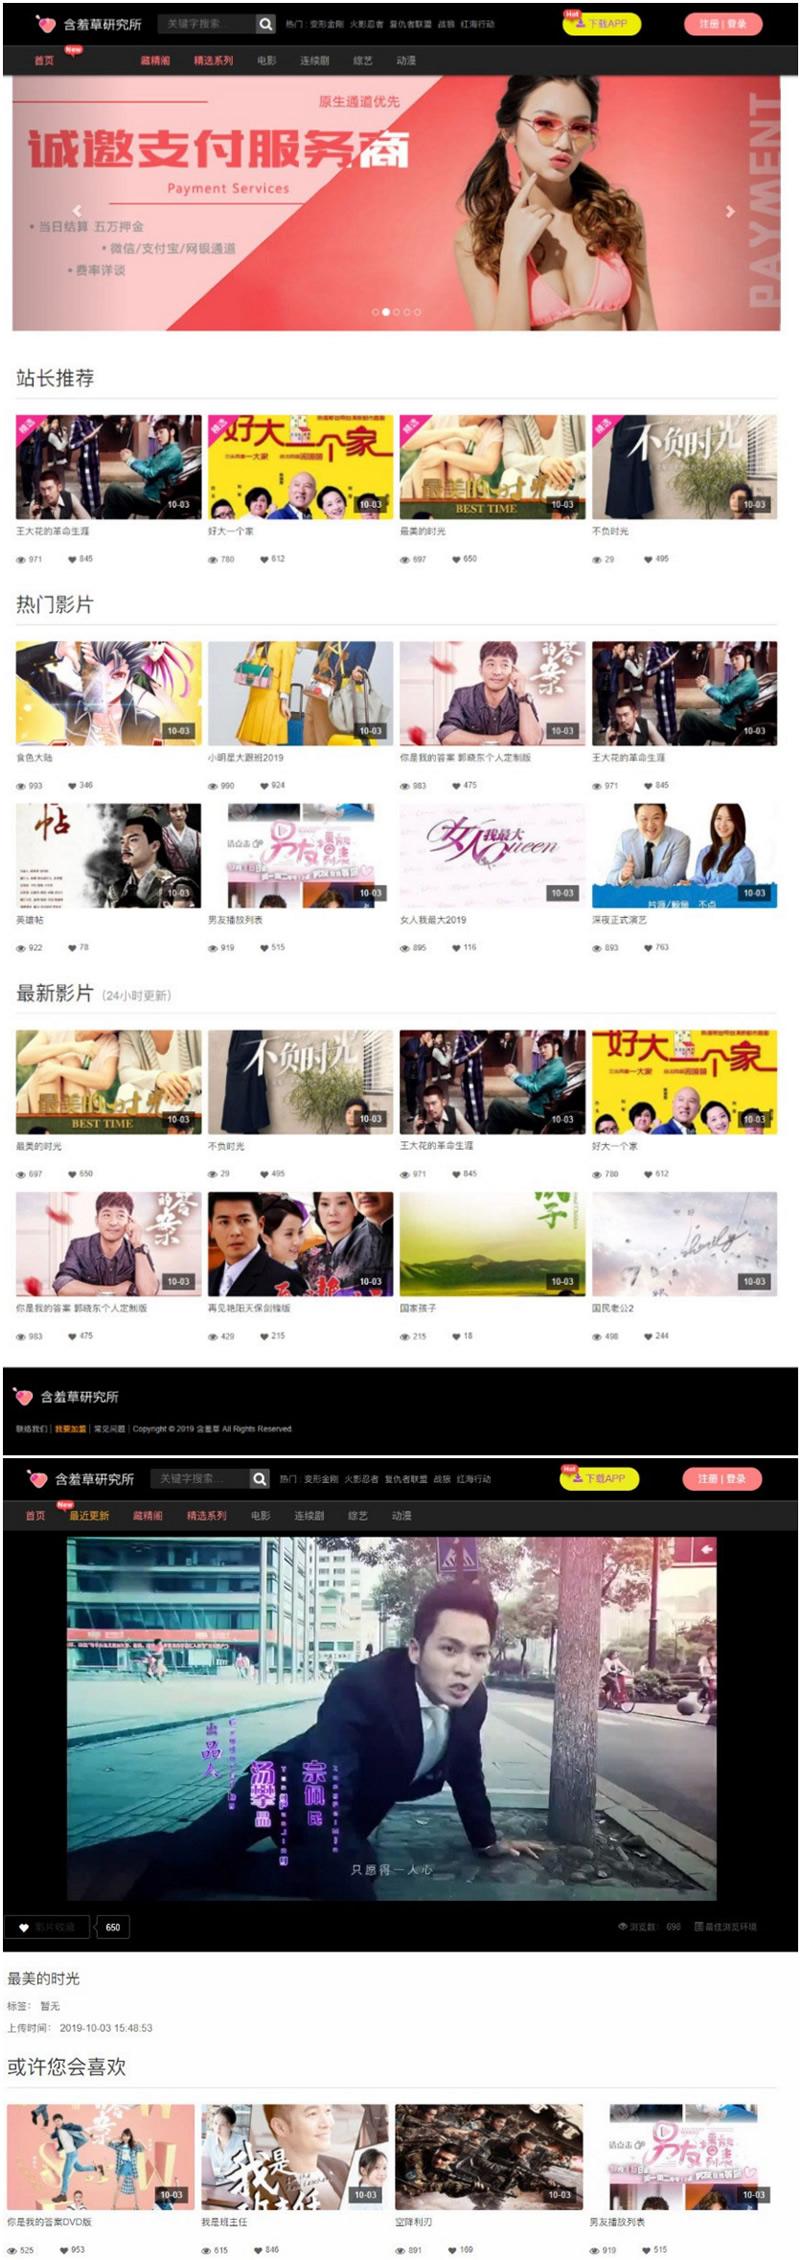 含羞草在线视频电影网站源码 苹果cmsV10模板自适应 第1张